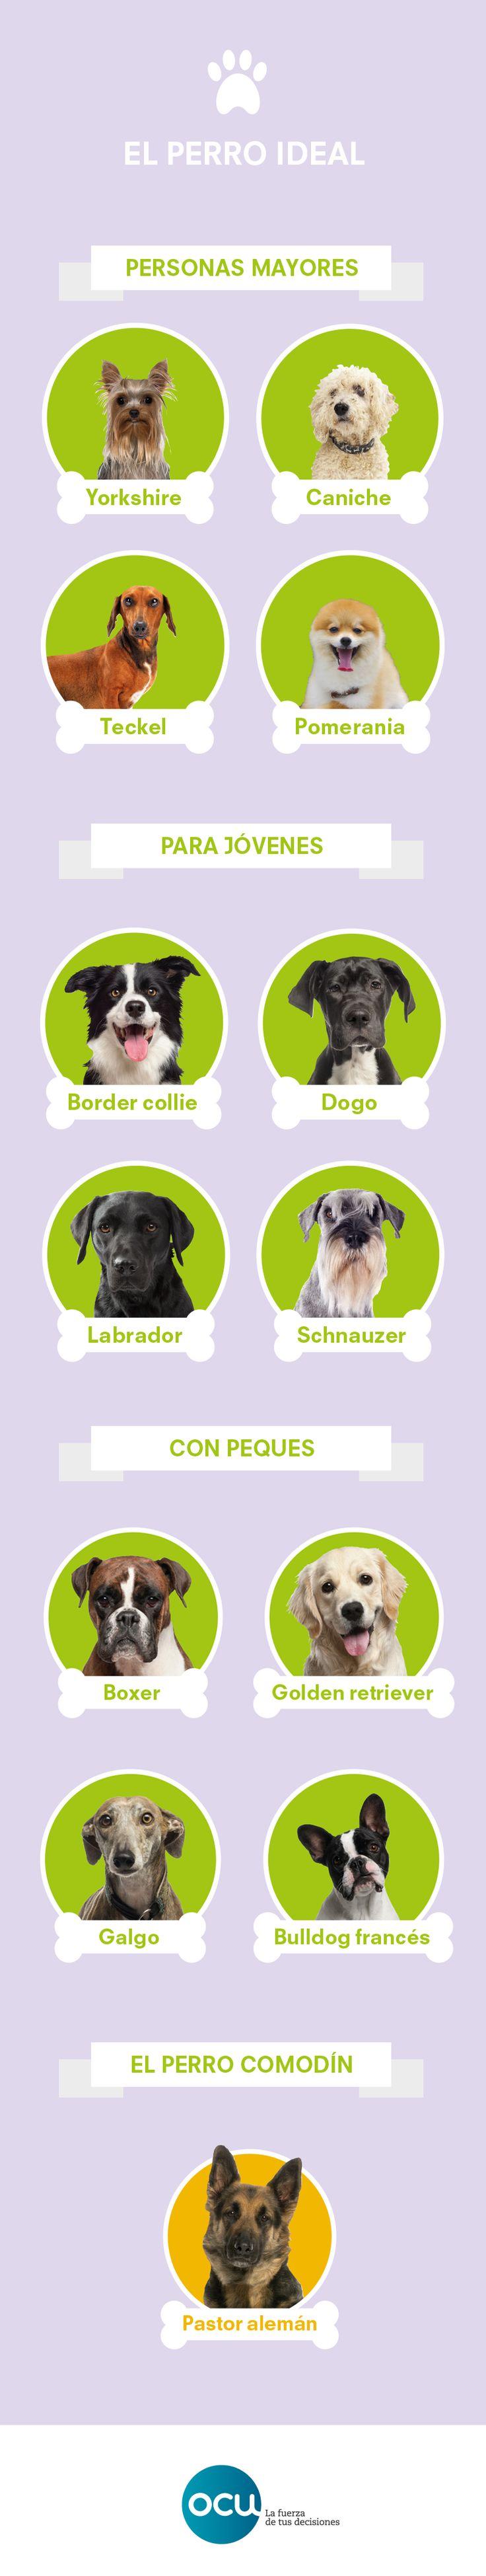 Cada etapa de la vida implica un grado de actividad y lo mismo pasa con cada tipo de perro. La armonía entre dueño y mascota es fundamental para que la convivencia sea sencilla.